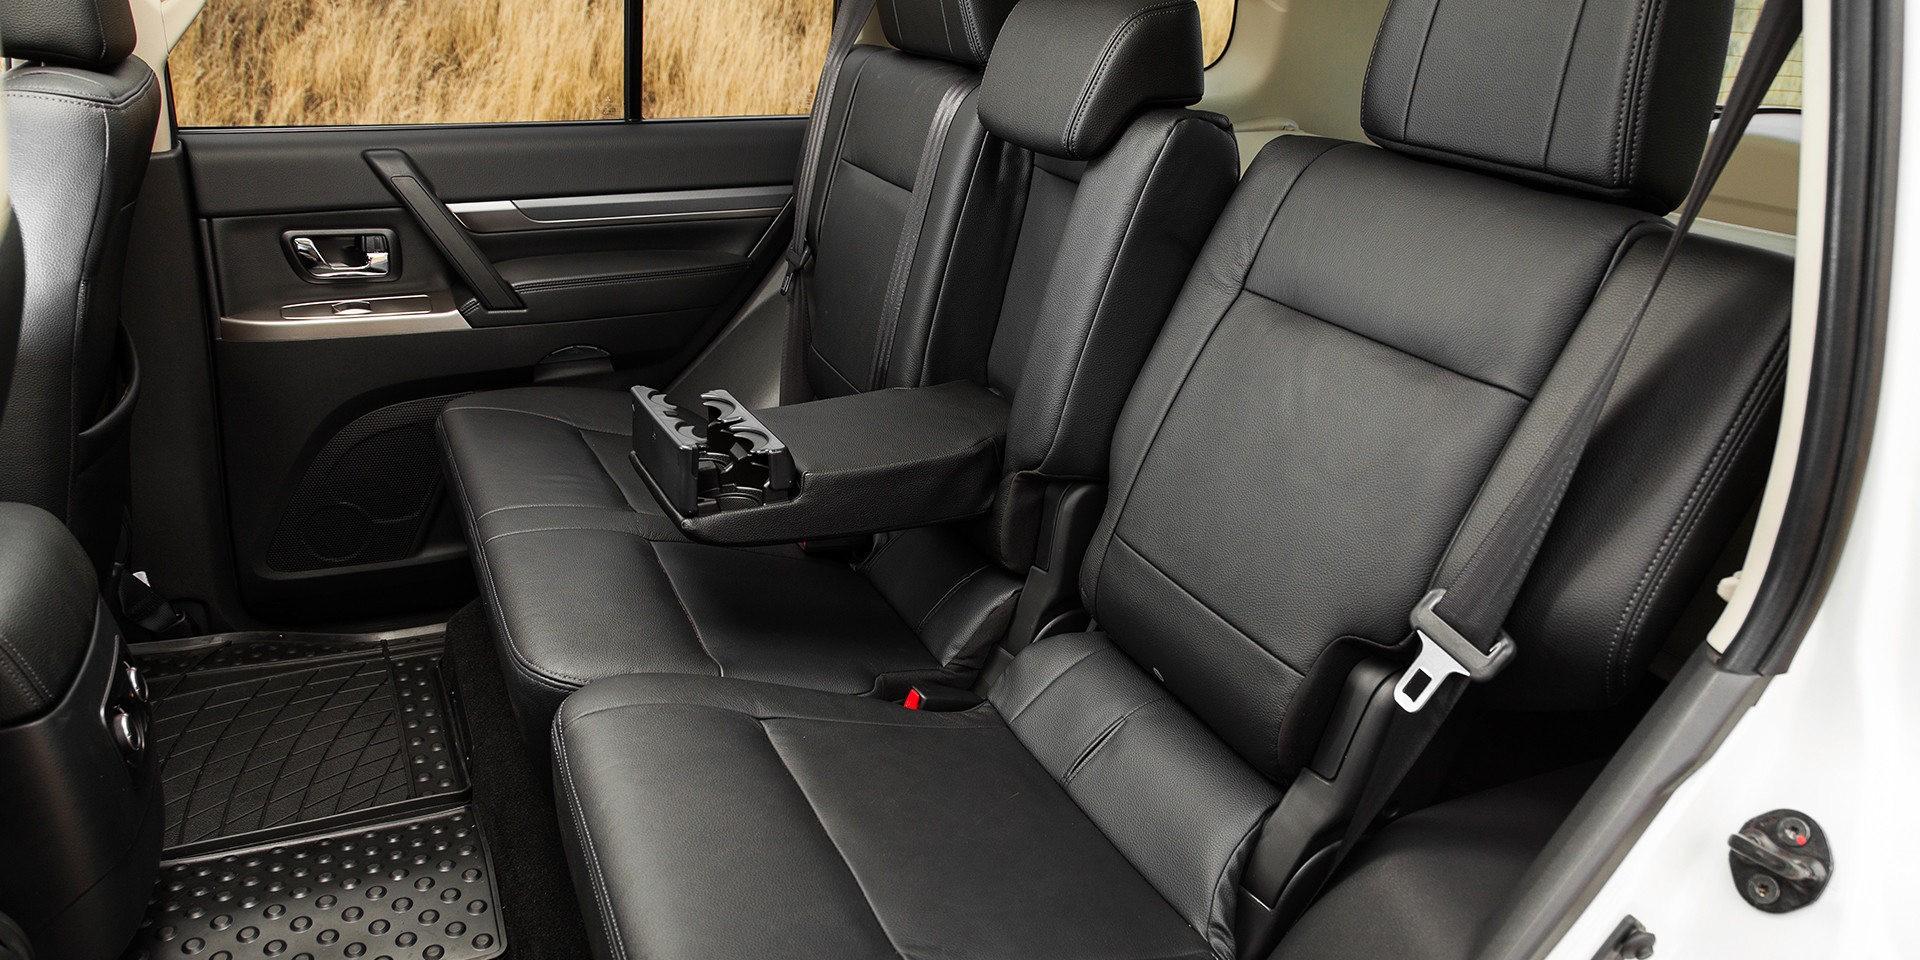 Mitsubishi Pajero 4 фото салон